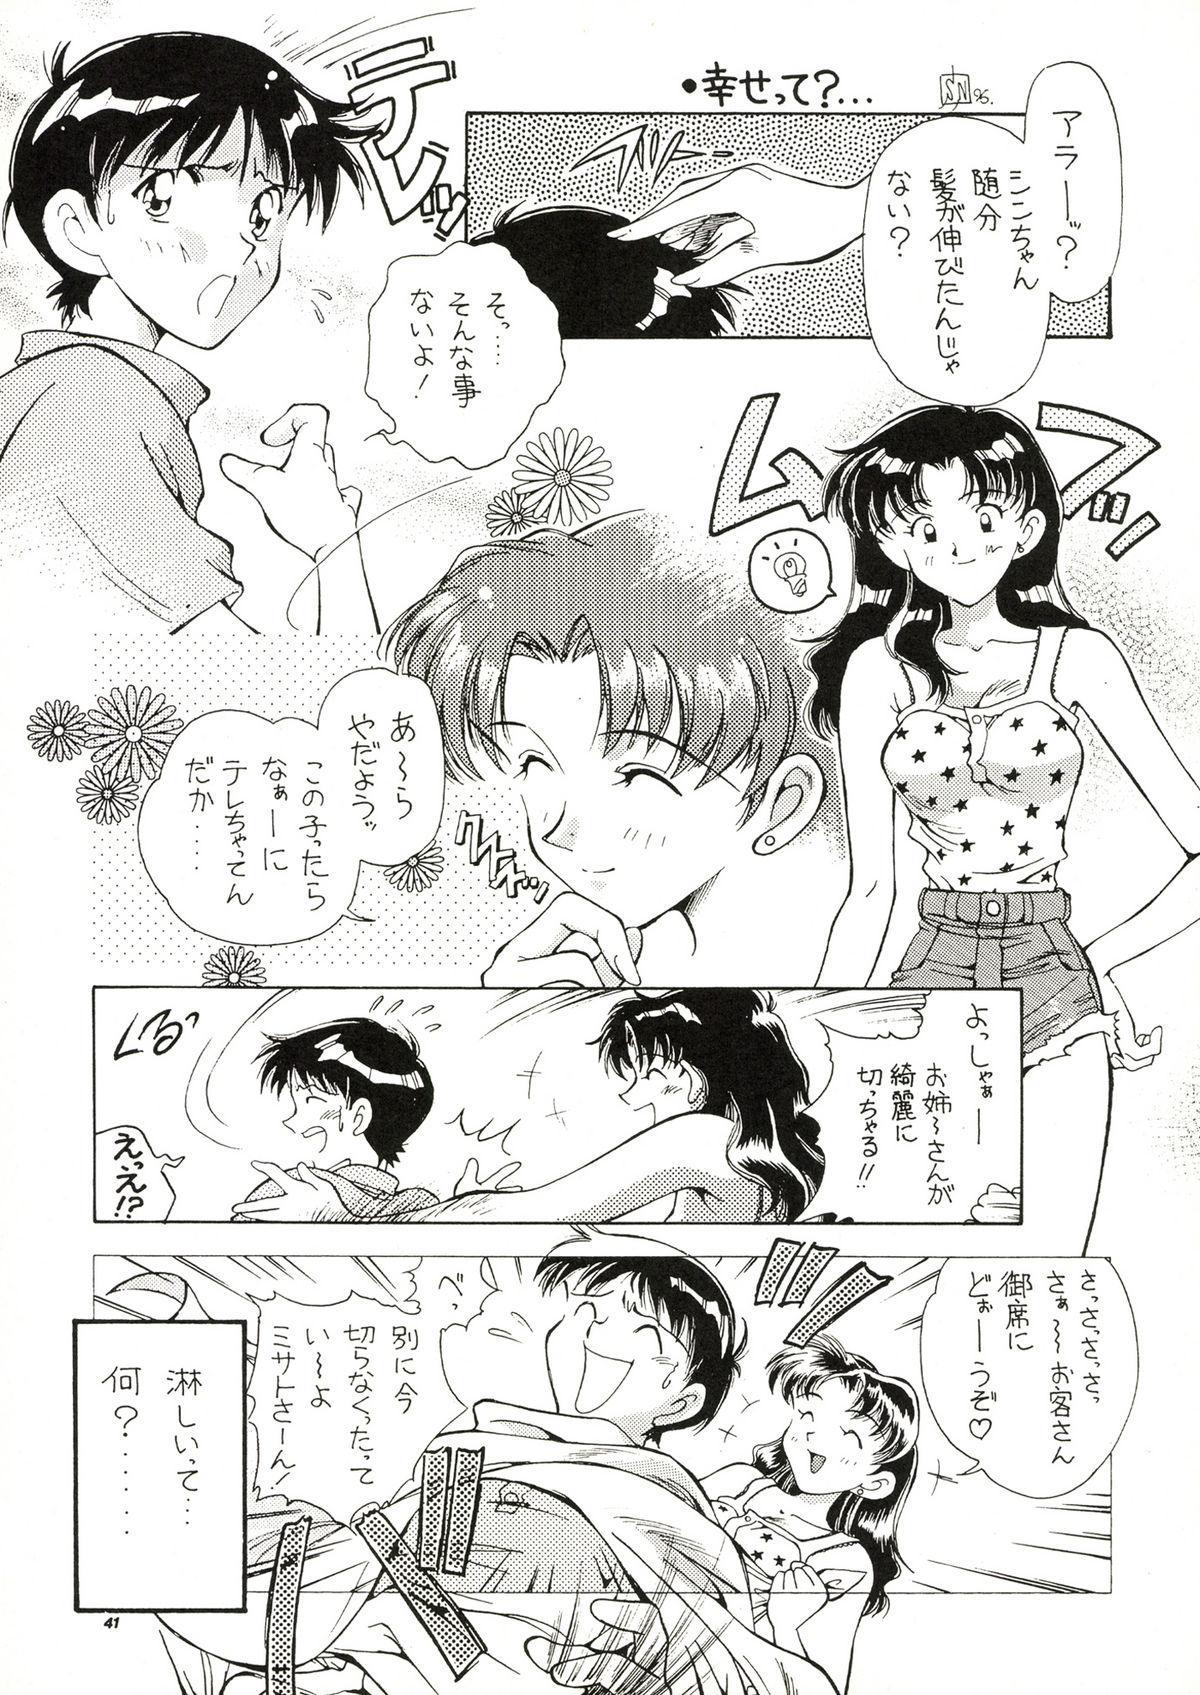 TOKONATSU HEAVEN 40